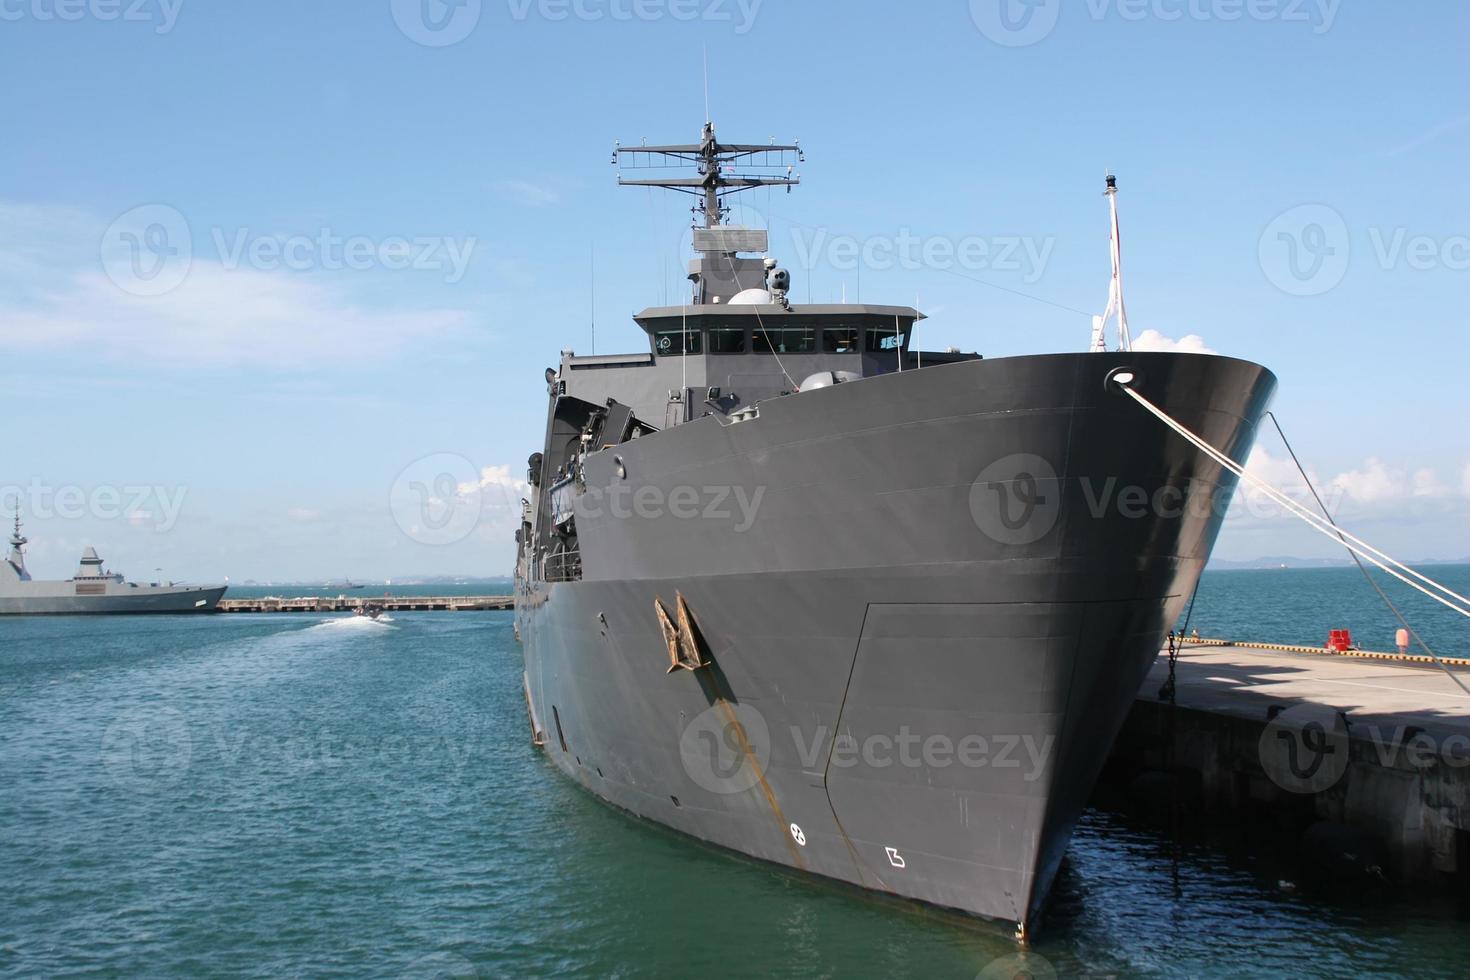 tanque de desembarque da marinha foto